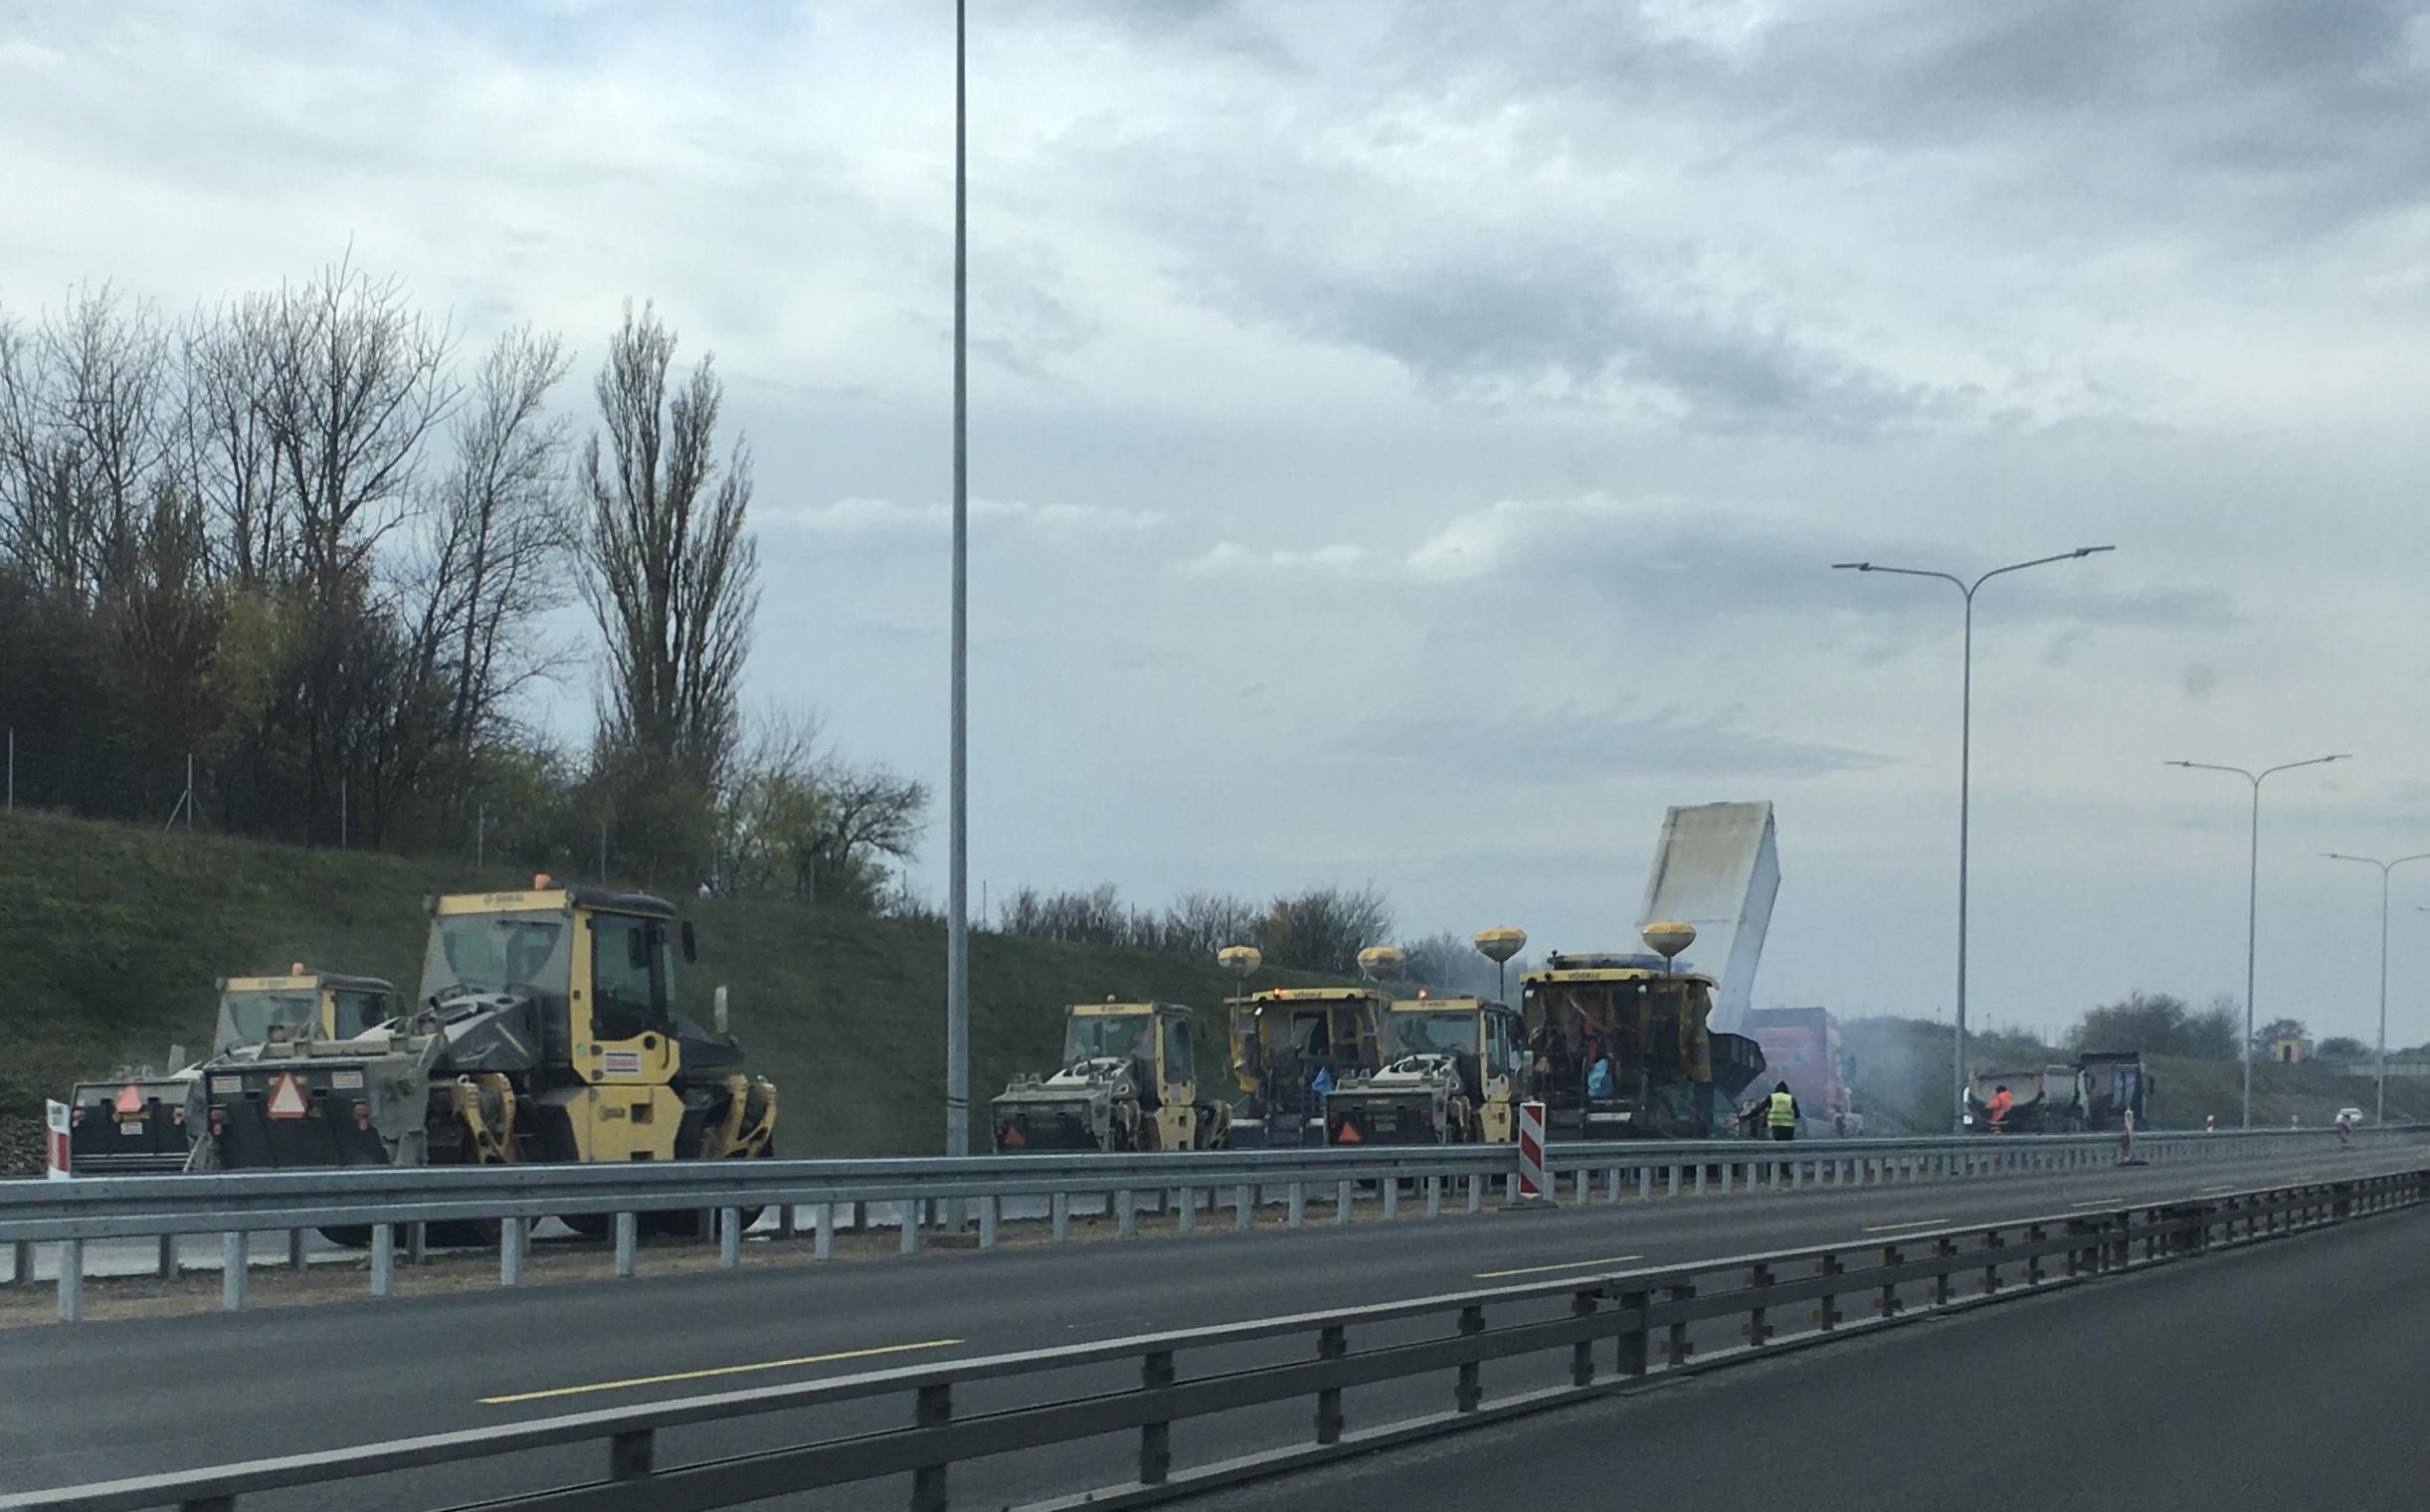 prace na a2 kładzenie asfaltu prace drogowe - Adam Sołtysiak